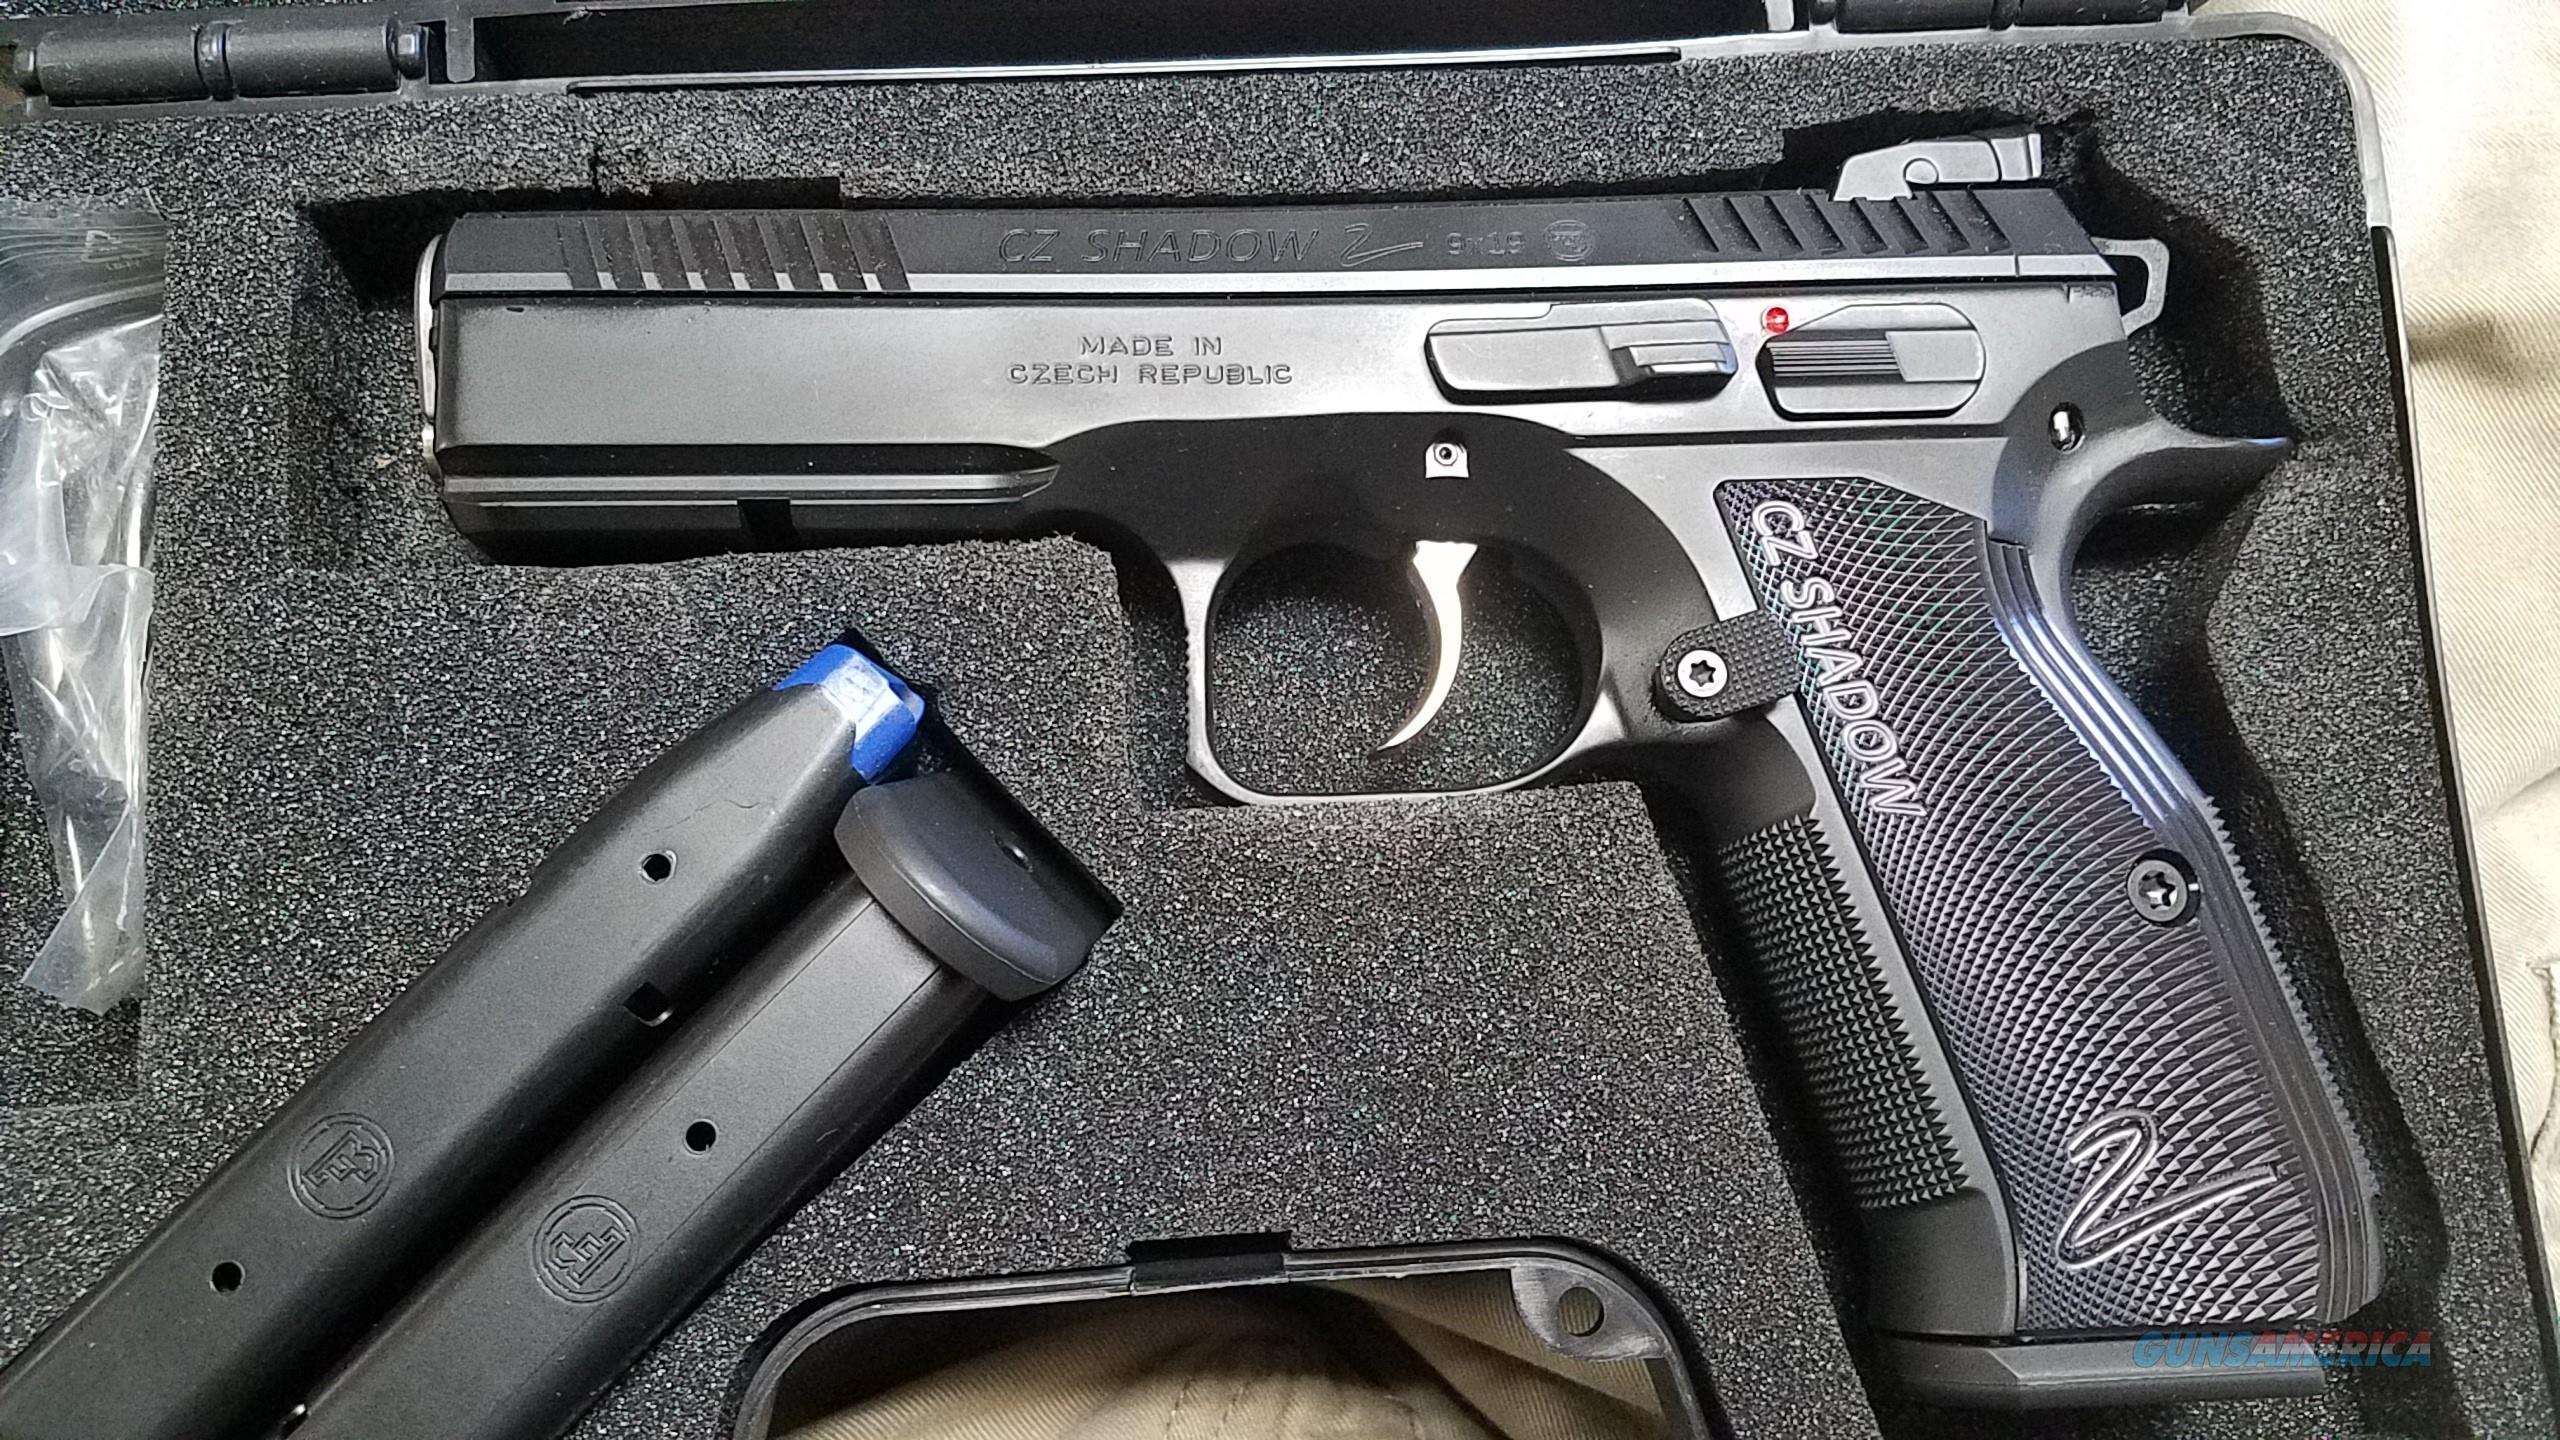 CZ Shadow 2 customized to be a Accu-Shadow  Guns > Pistols > CZ Pistols